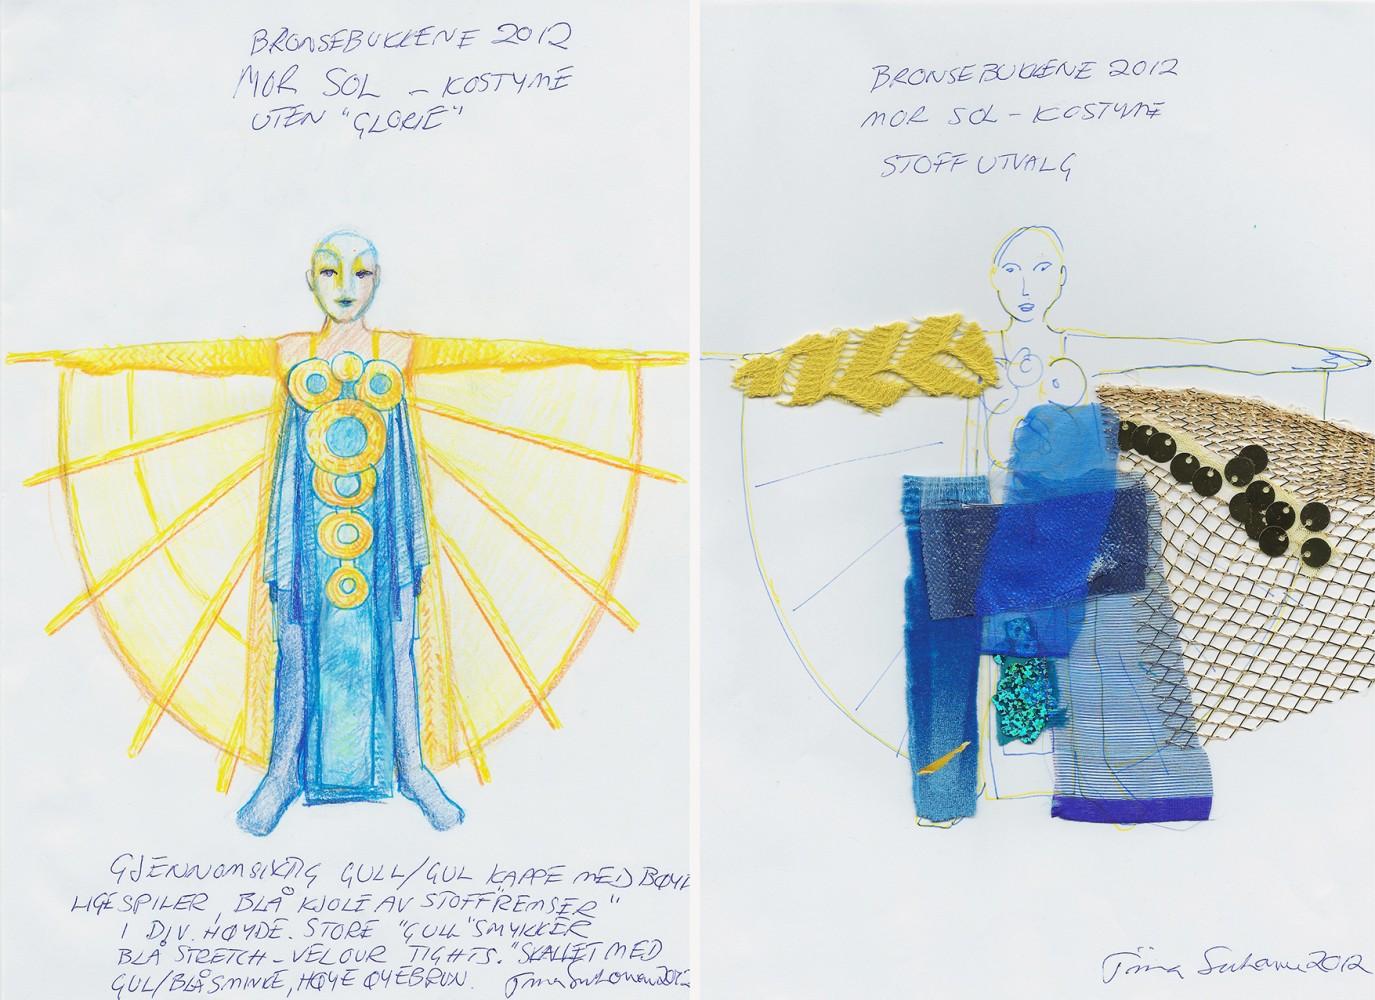 En skisse til en drakt for karakteren Moder Sol; blå kjole, gul kappe og sirkeldetaljer